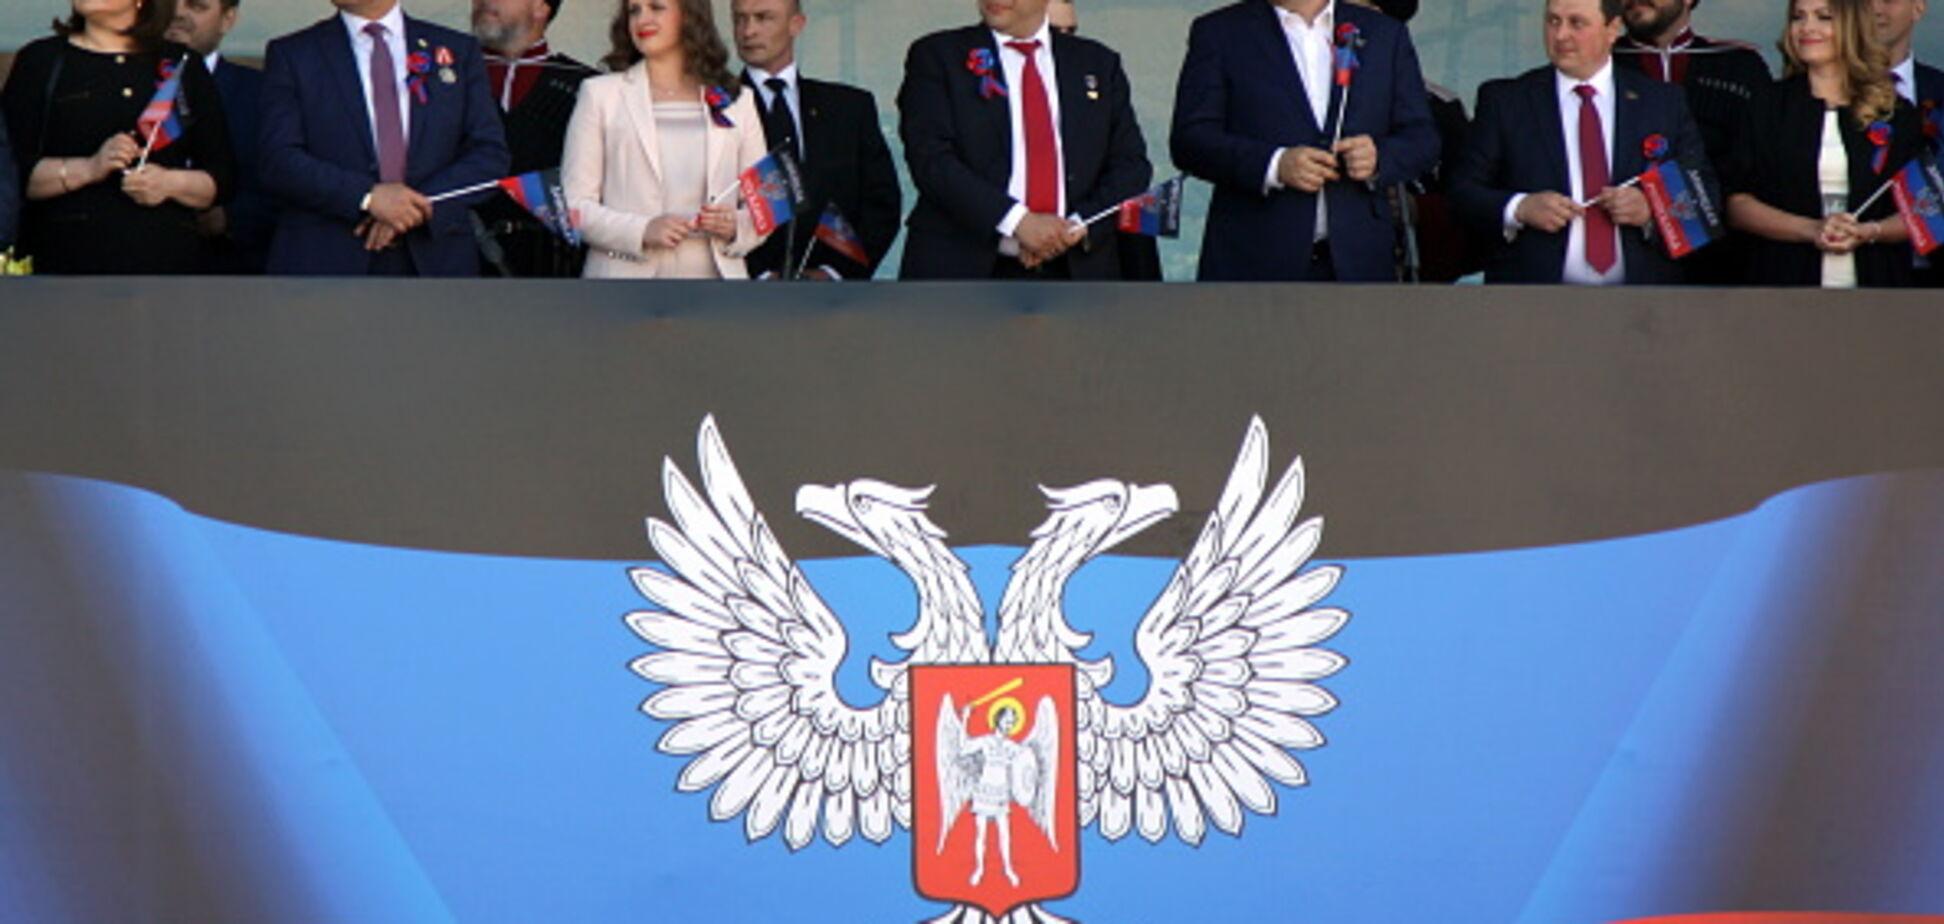 'Нашийник для України': журналіст пояснив, чому не варто сміятися над 'Малоросією' Захарченка